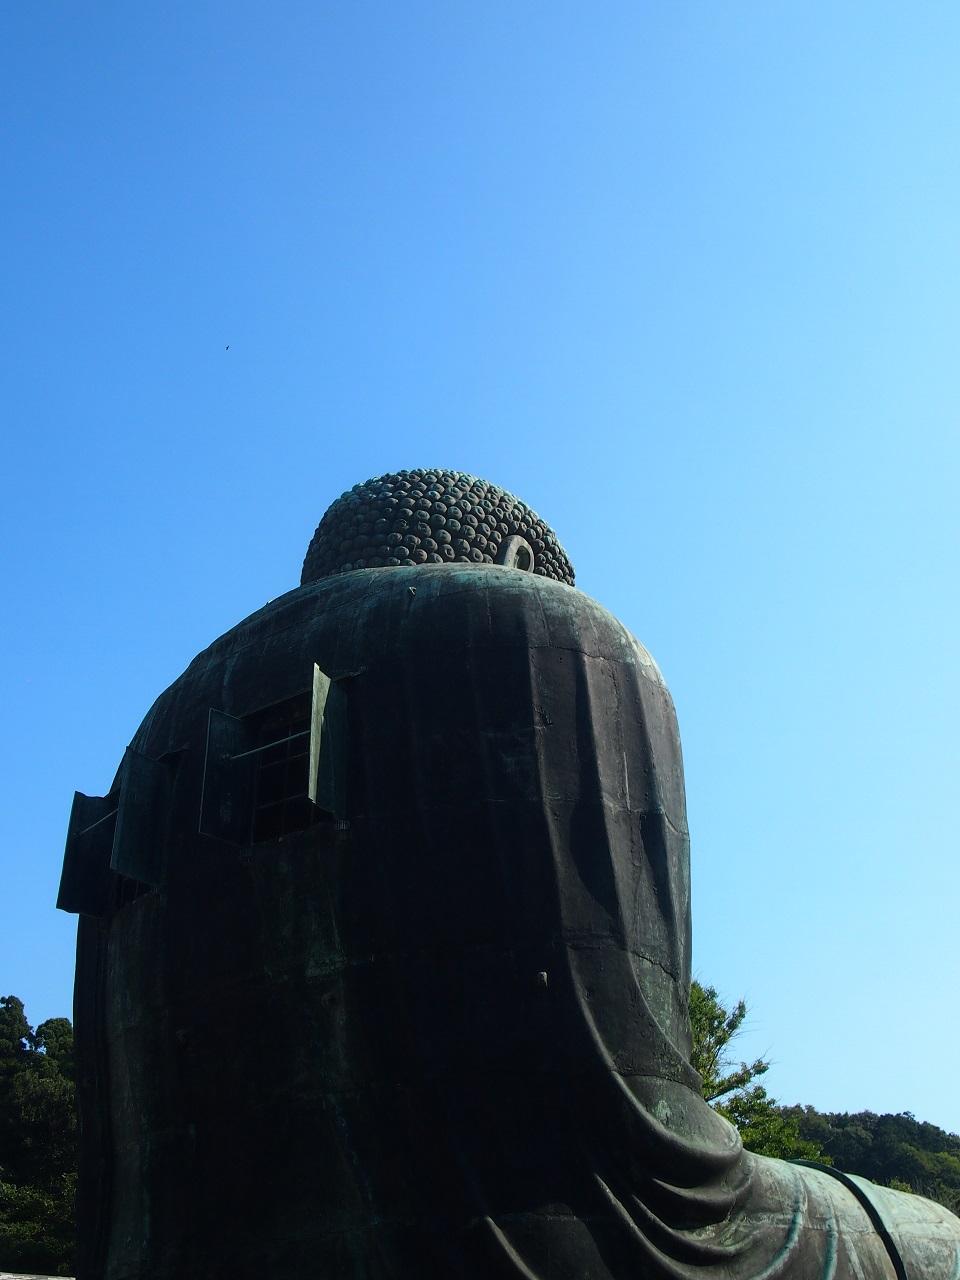 鎌倉大仏 後姿 高徳院